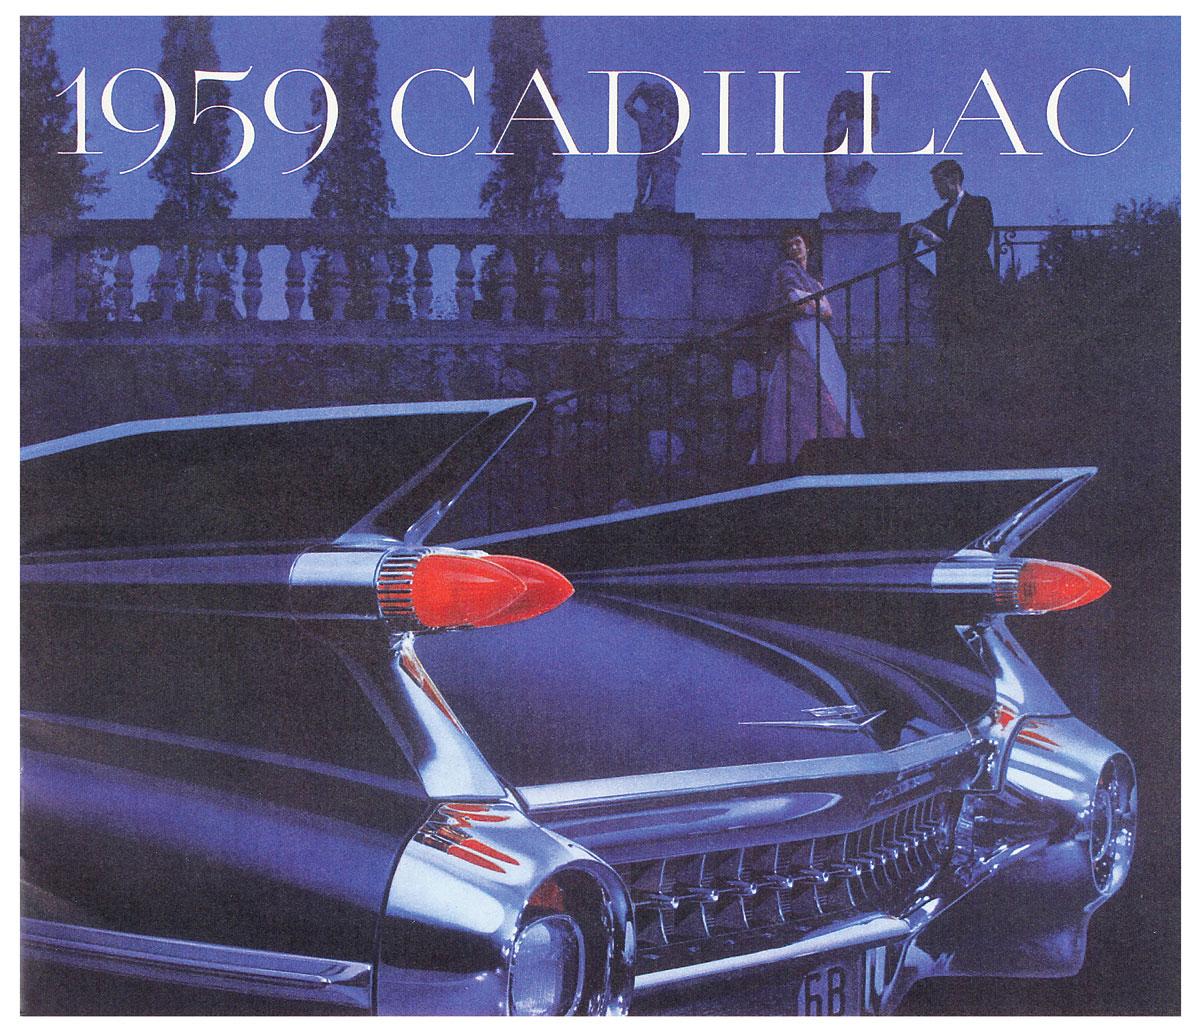 Sales Brochure, 1959 Cadillac